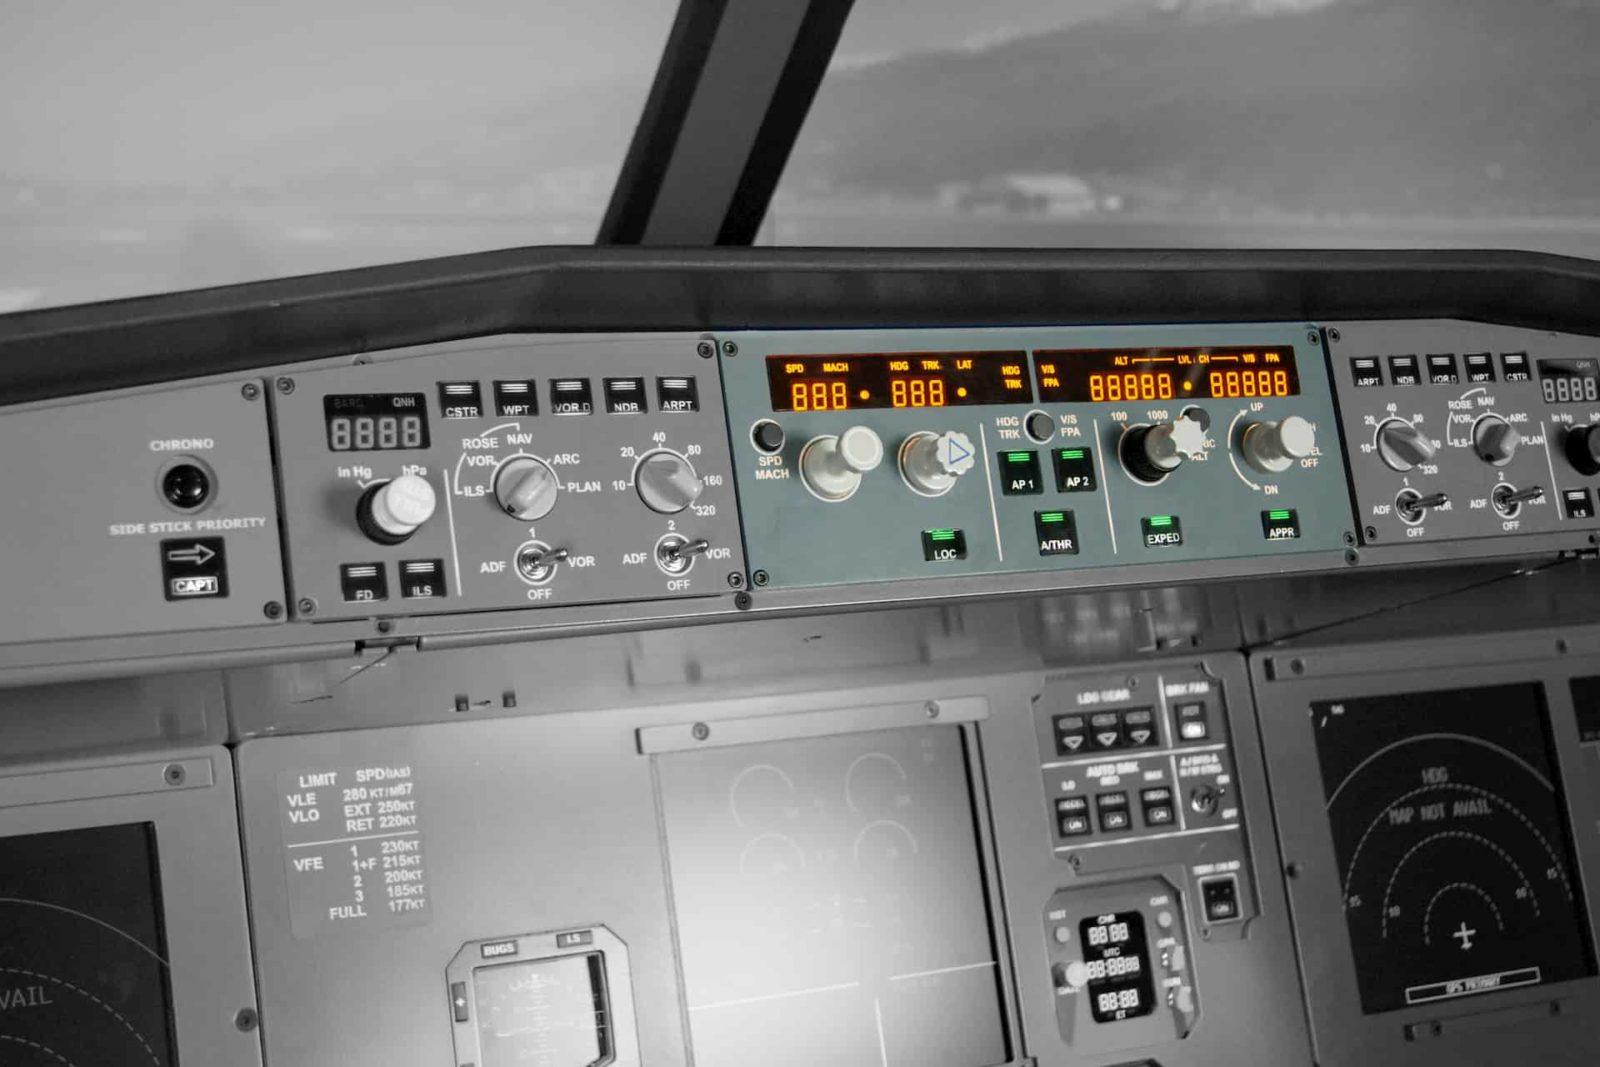 FCU Flight Control Unit